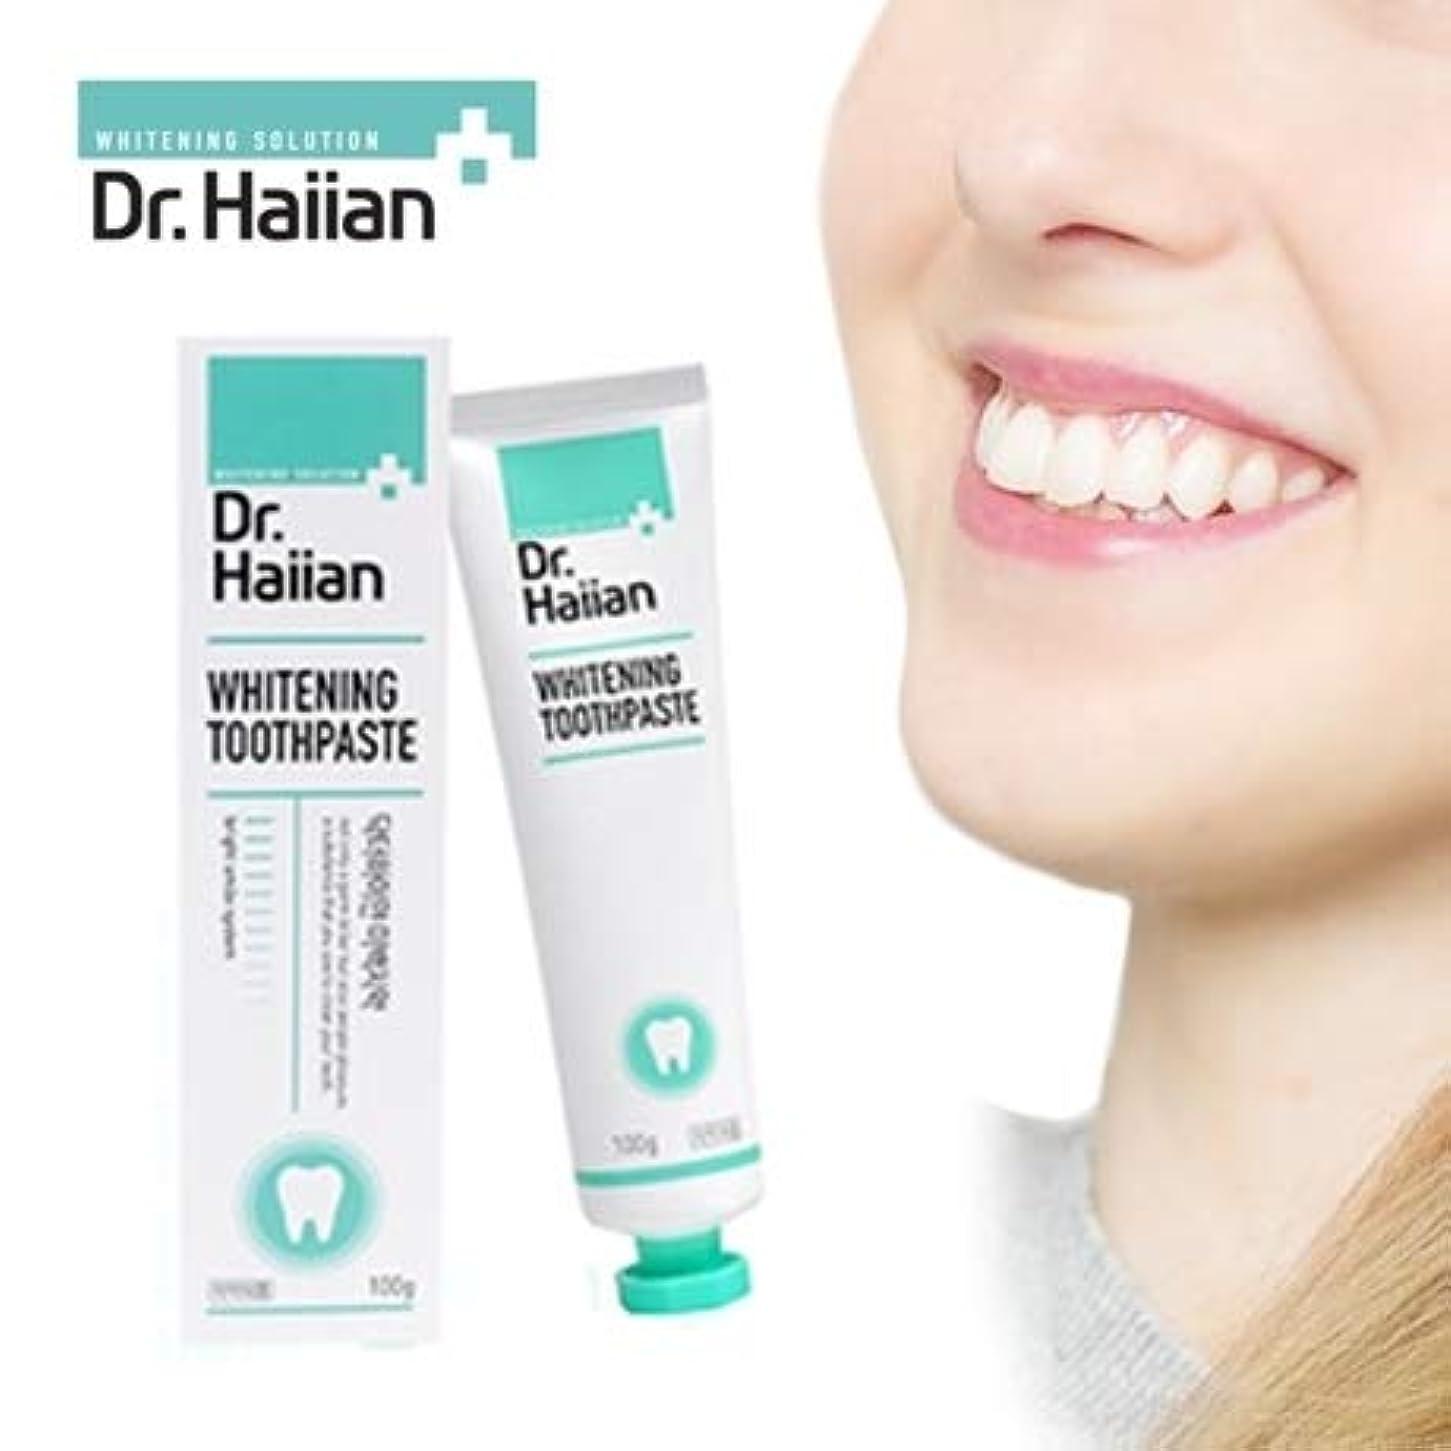 Dr.Haiian WHITENING TOOTHPASTE ホワイトニング歯磨き粉 100g